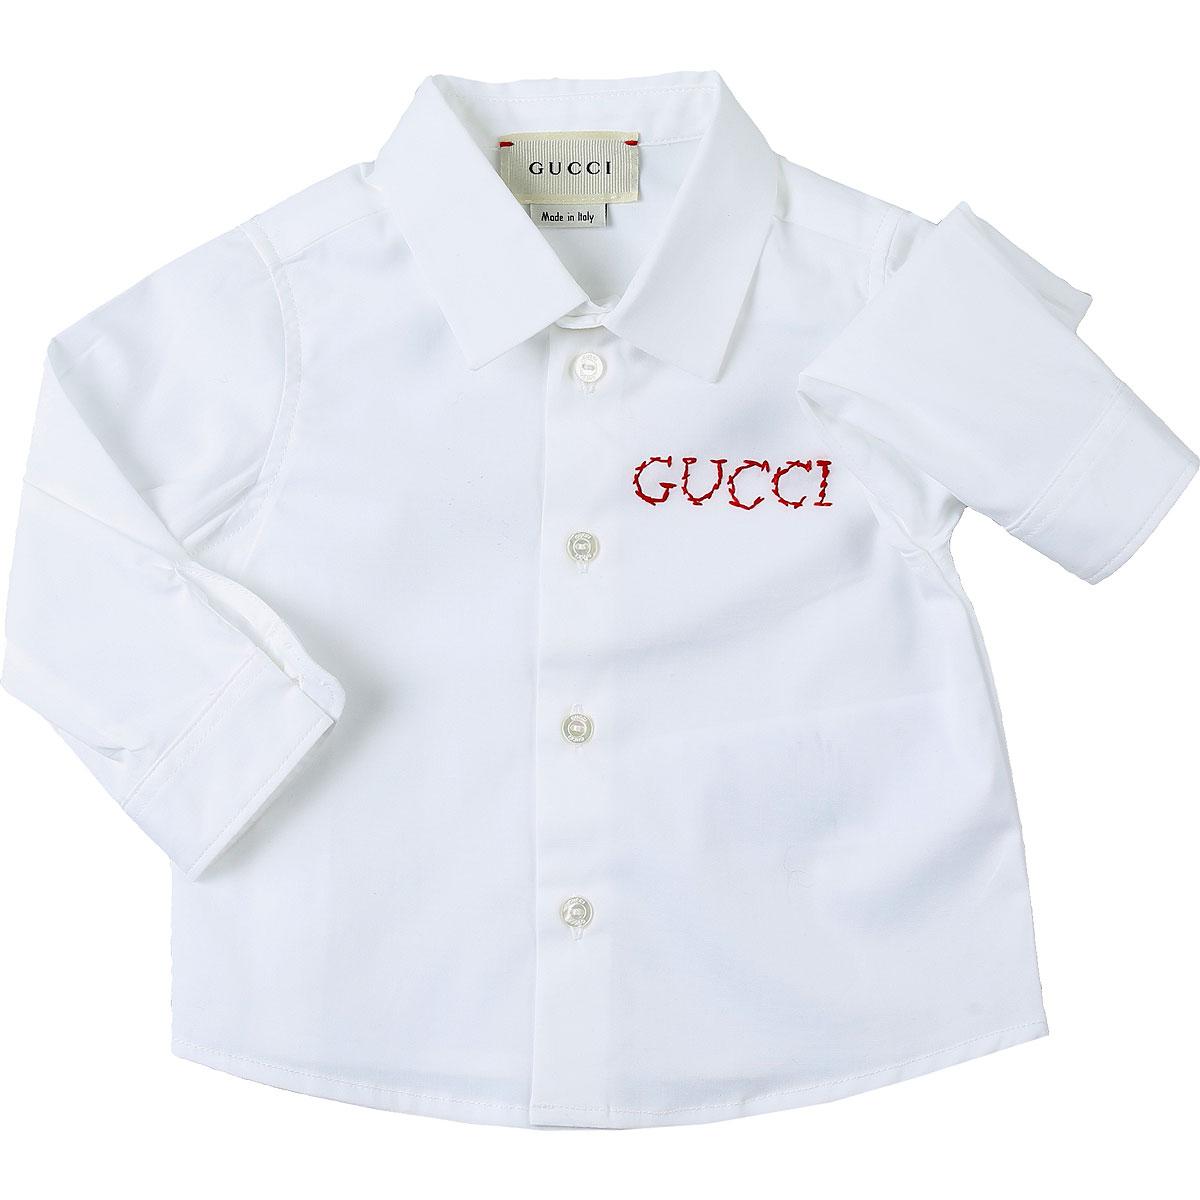 Gucci Chemises Bébé pour Garçon, Blanc, Coton, 2017, 3Y 6M